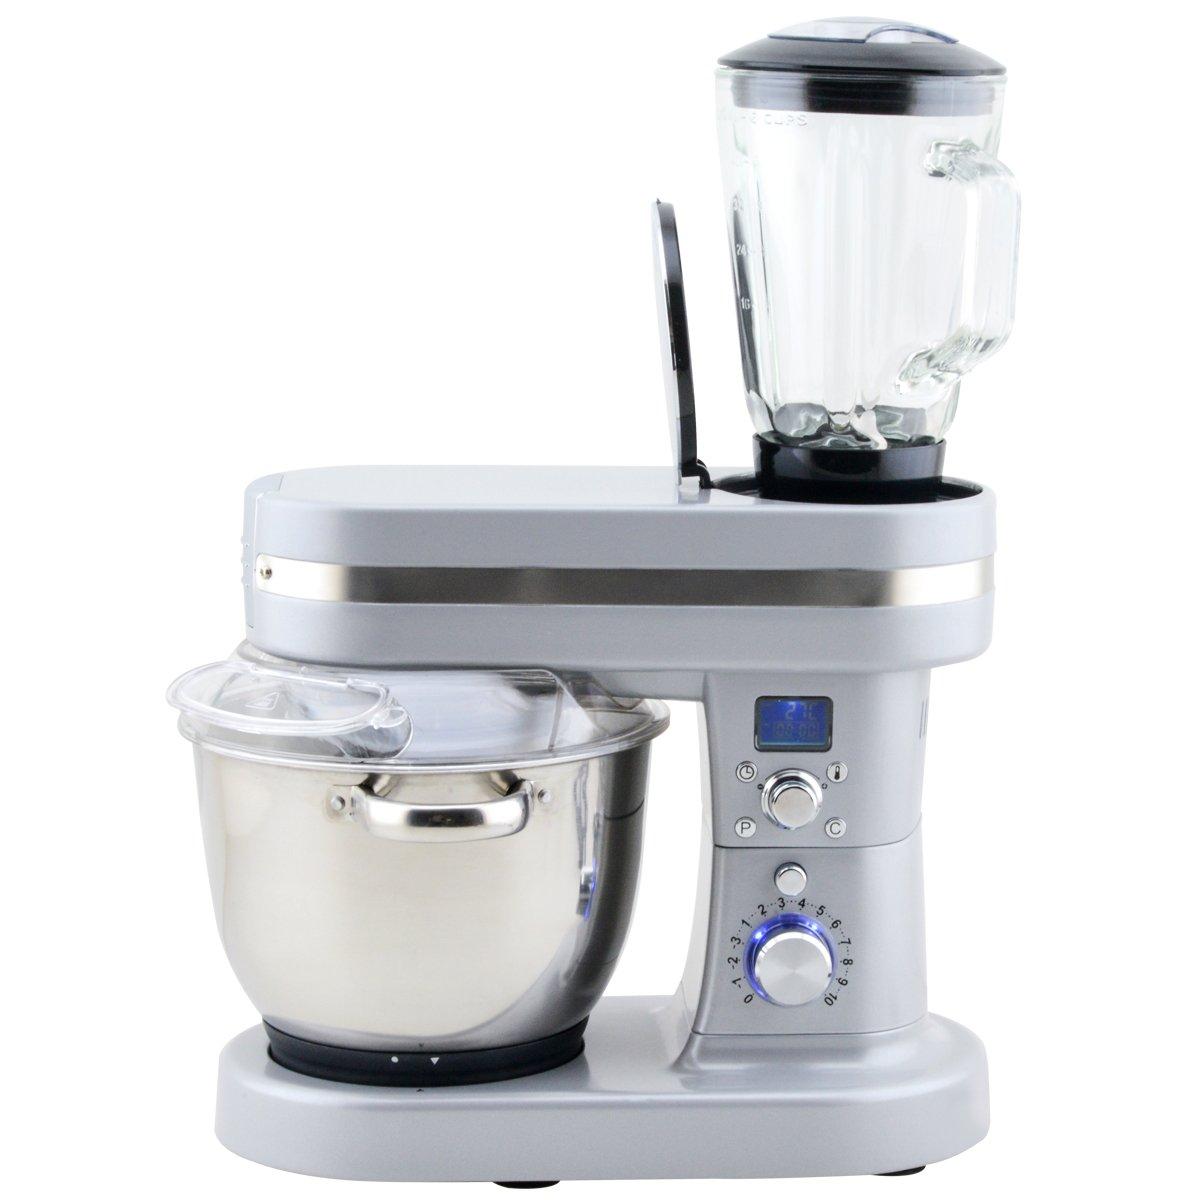 Amazon.de: H.Koenig KMC90 Küchenmaschine mit Kochfunktion / 3 Koch ...